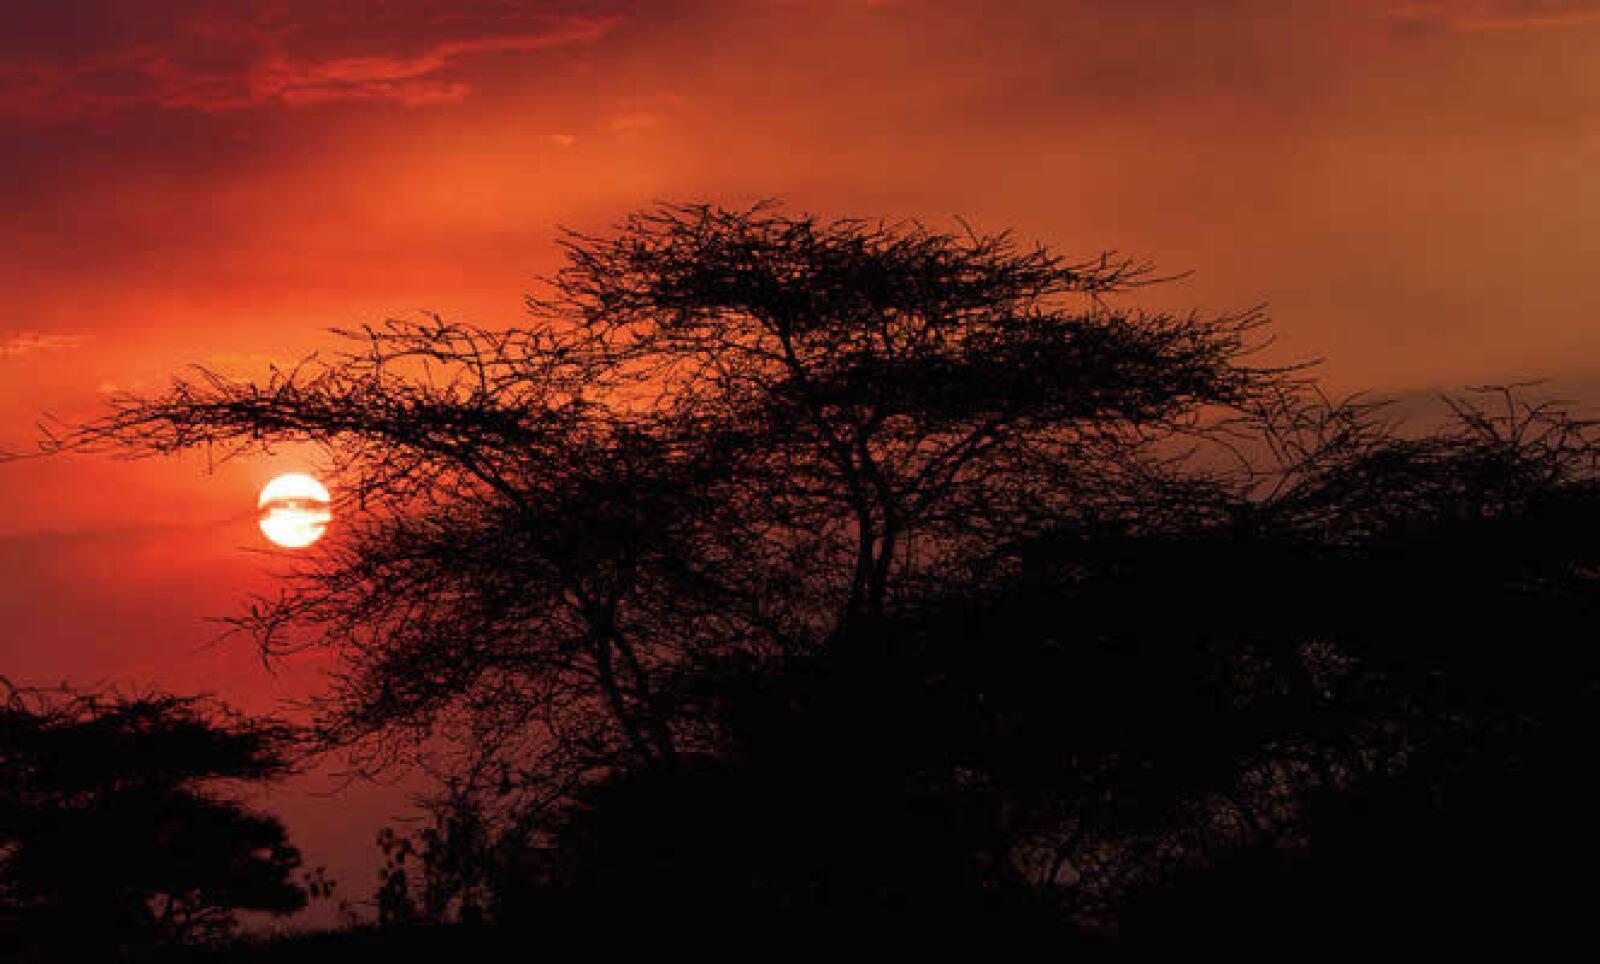 La reserva nacional del Ngorongoro, en Tanzania, está a menos de 100 kilómetros del parque nacional del Serengueti. Está enclavada en un antiguo cráter donde abunda la vida salvaje.